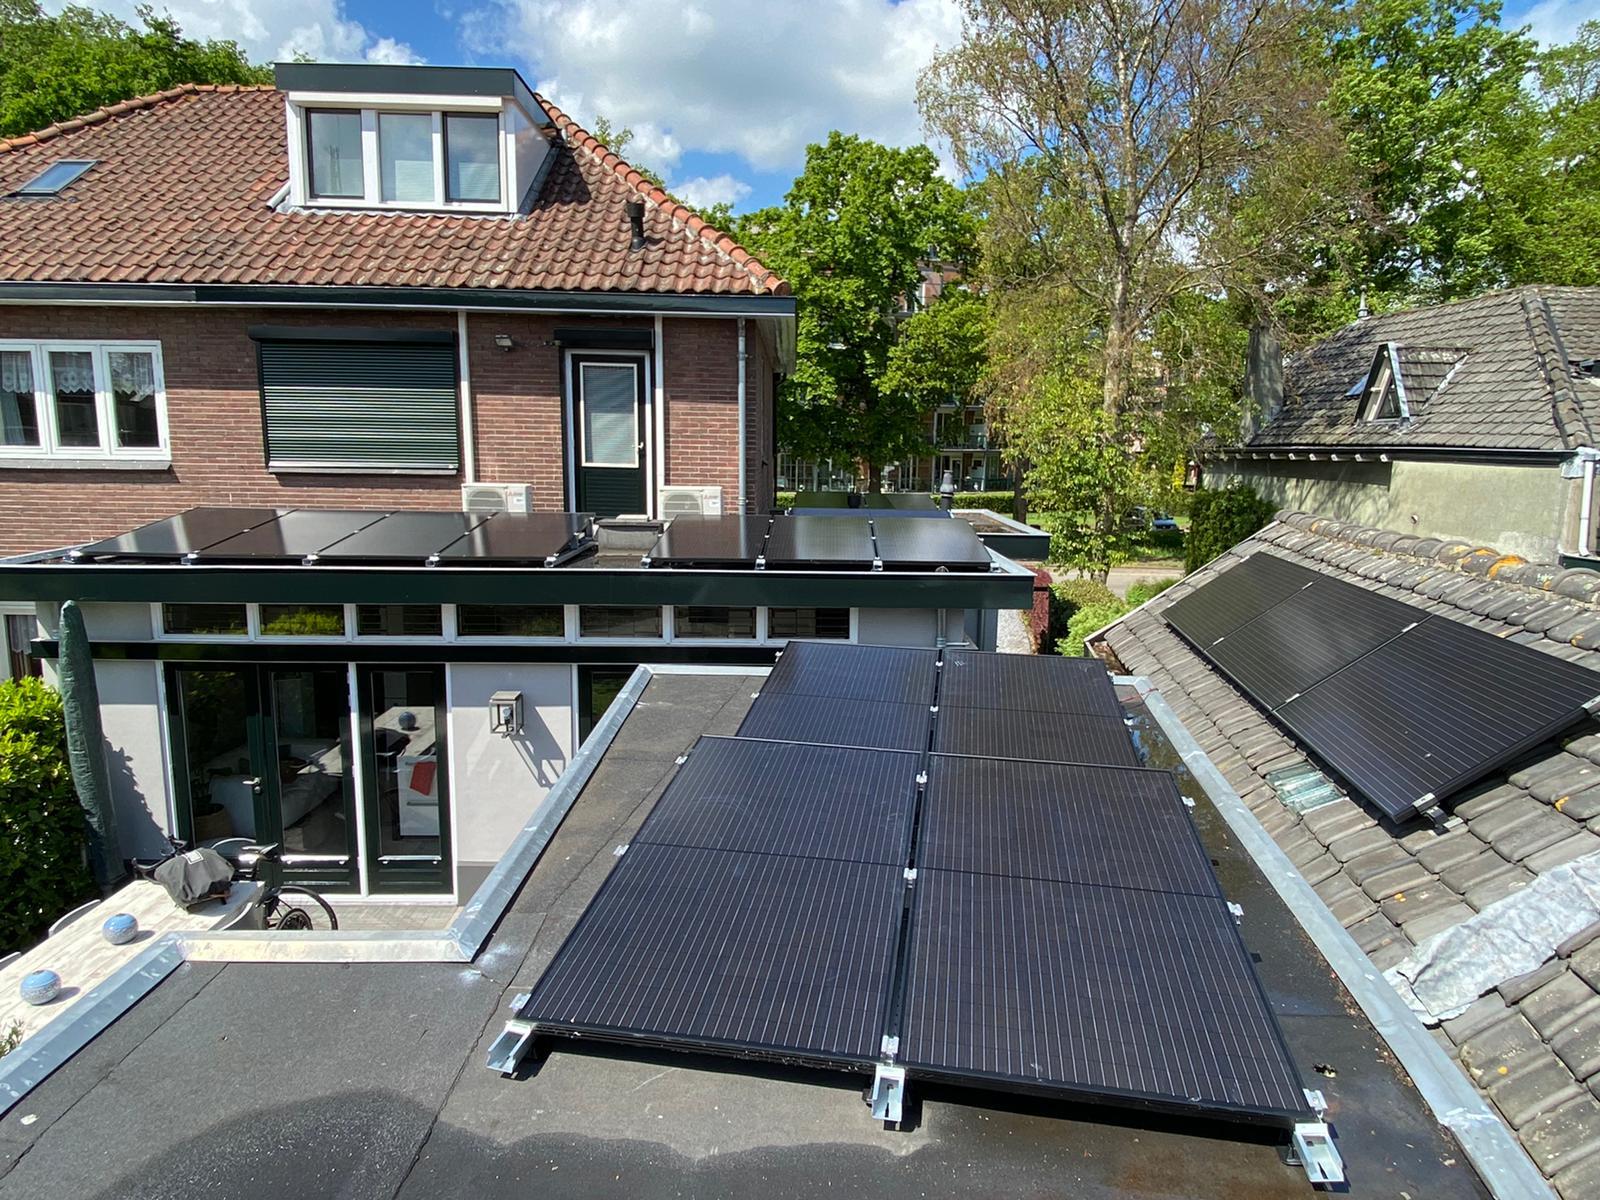 Plat dak met zonnepanelen